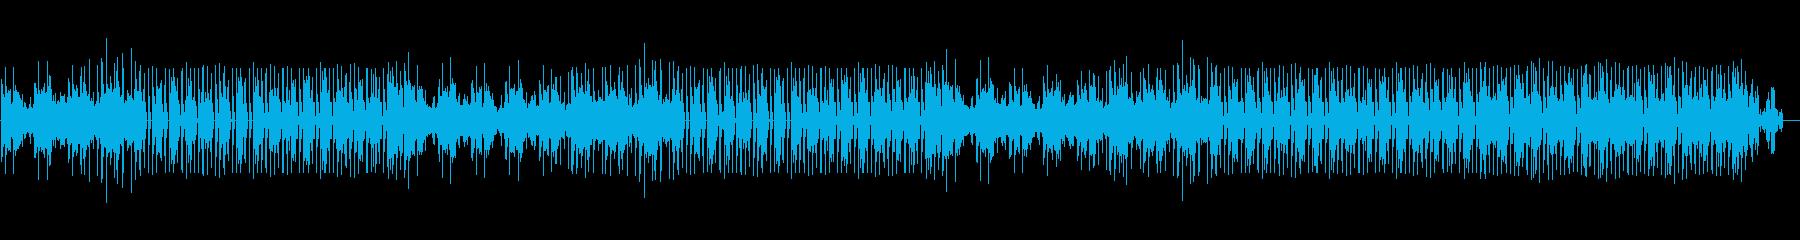 ムーディーでスタイリッシュな洋楽ポップの再生済みの波形